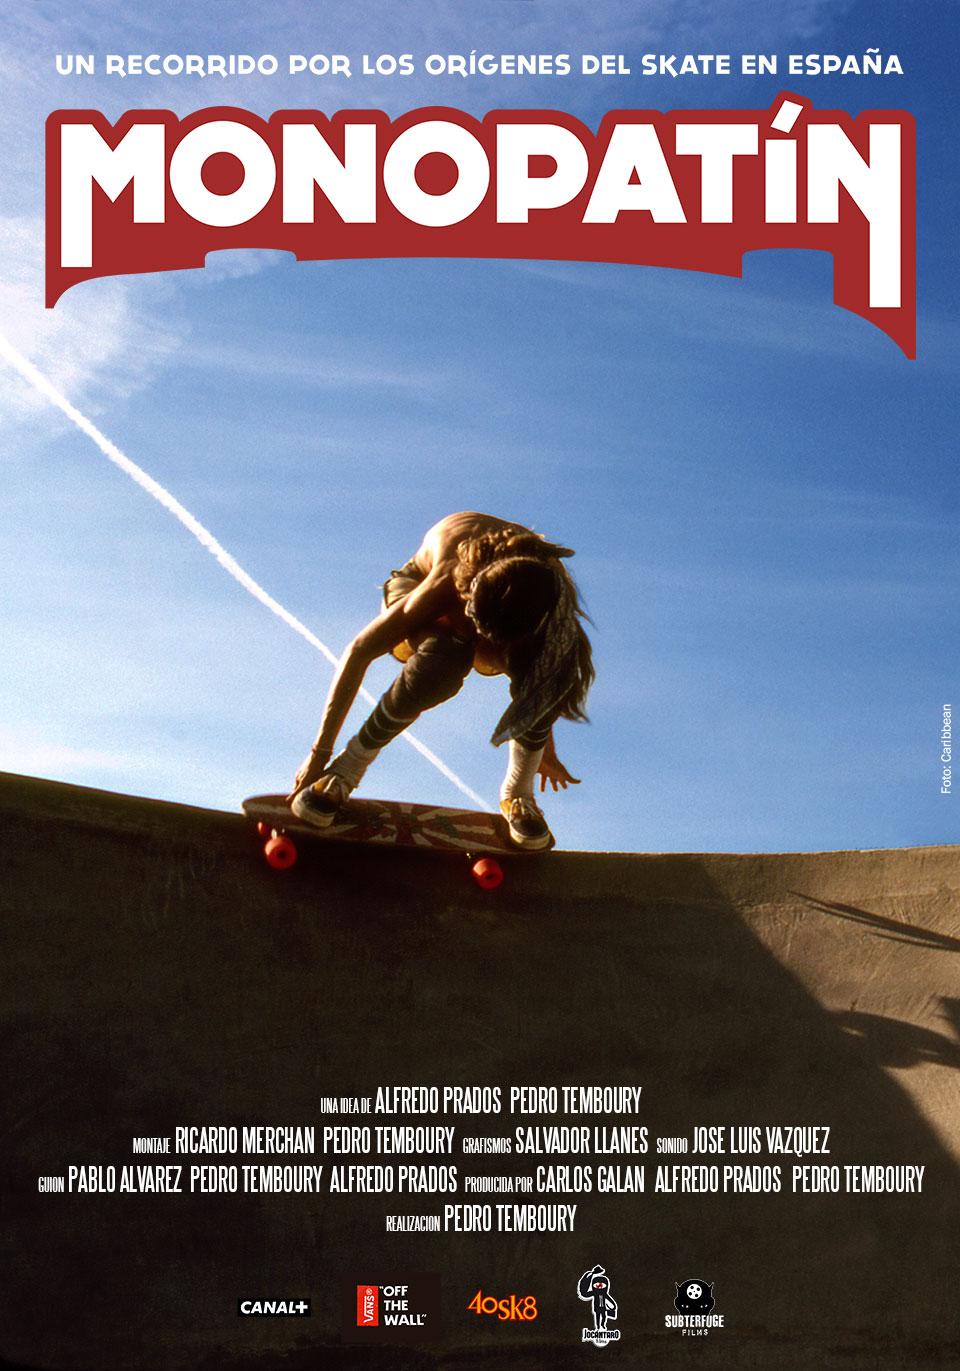 Un recorrido por los inicios del skate en España